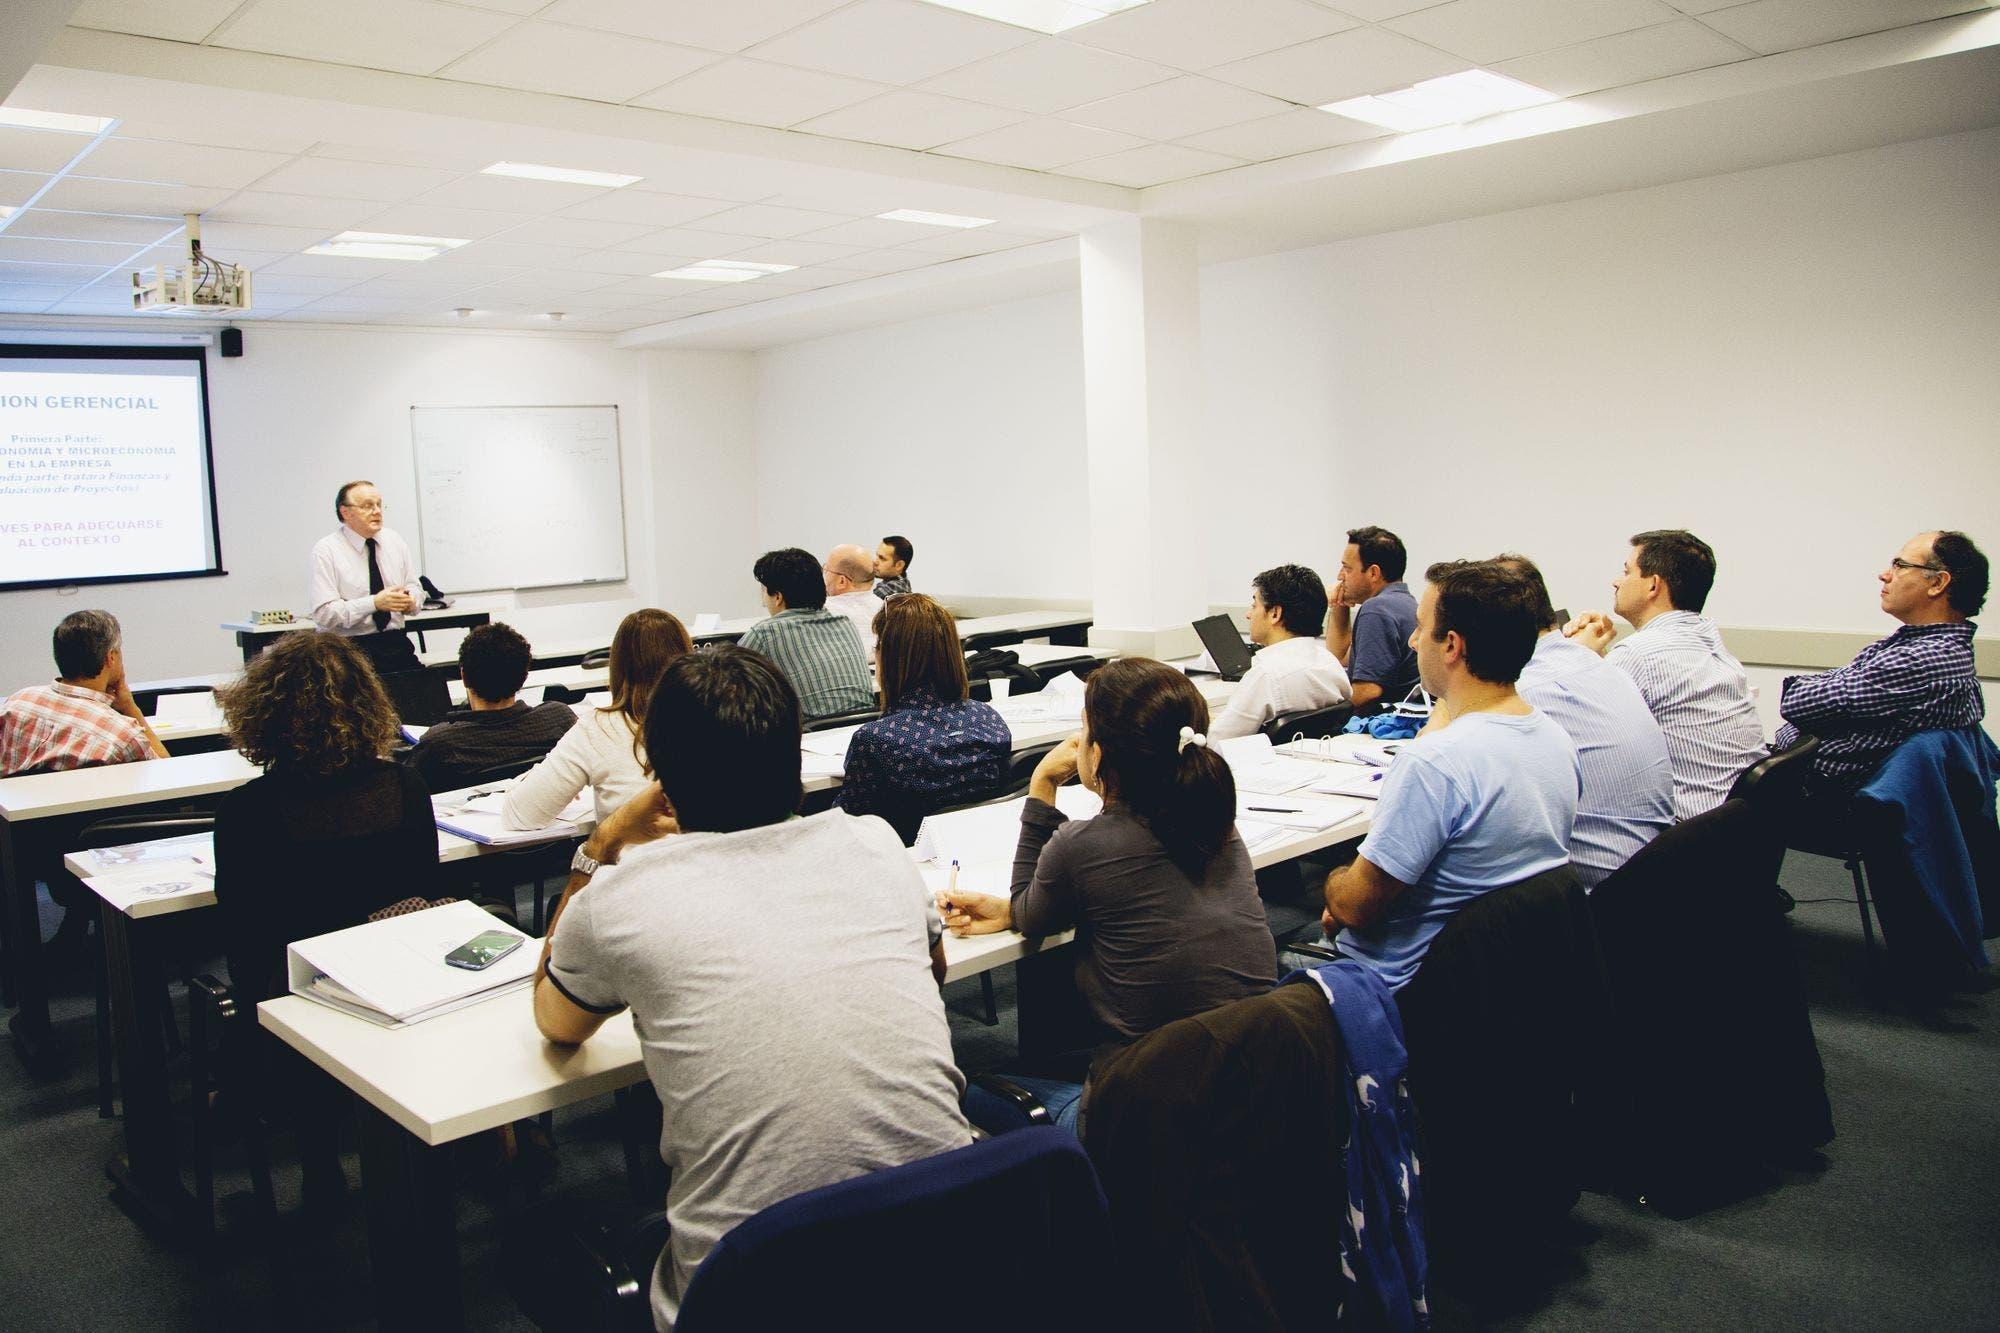 Definir cursos de citas en línea